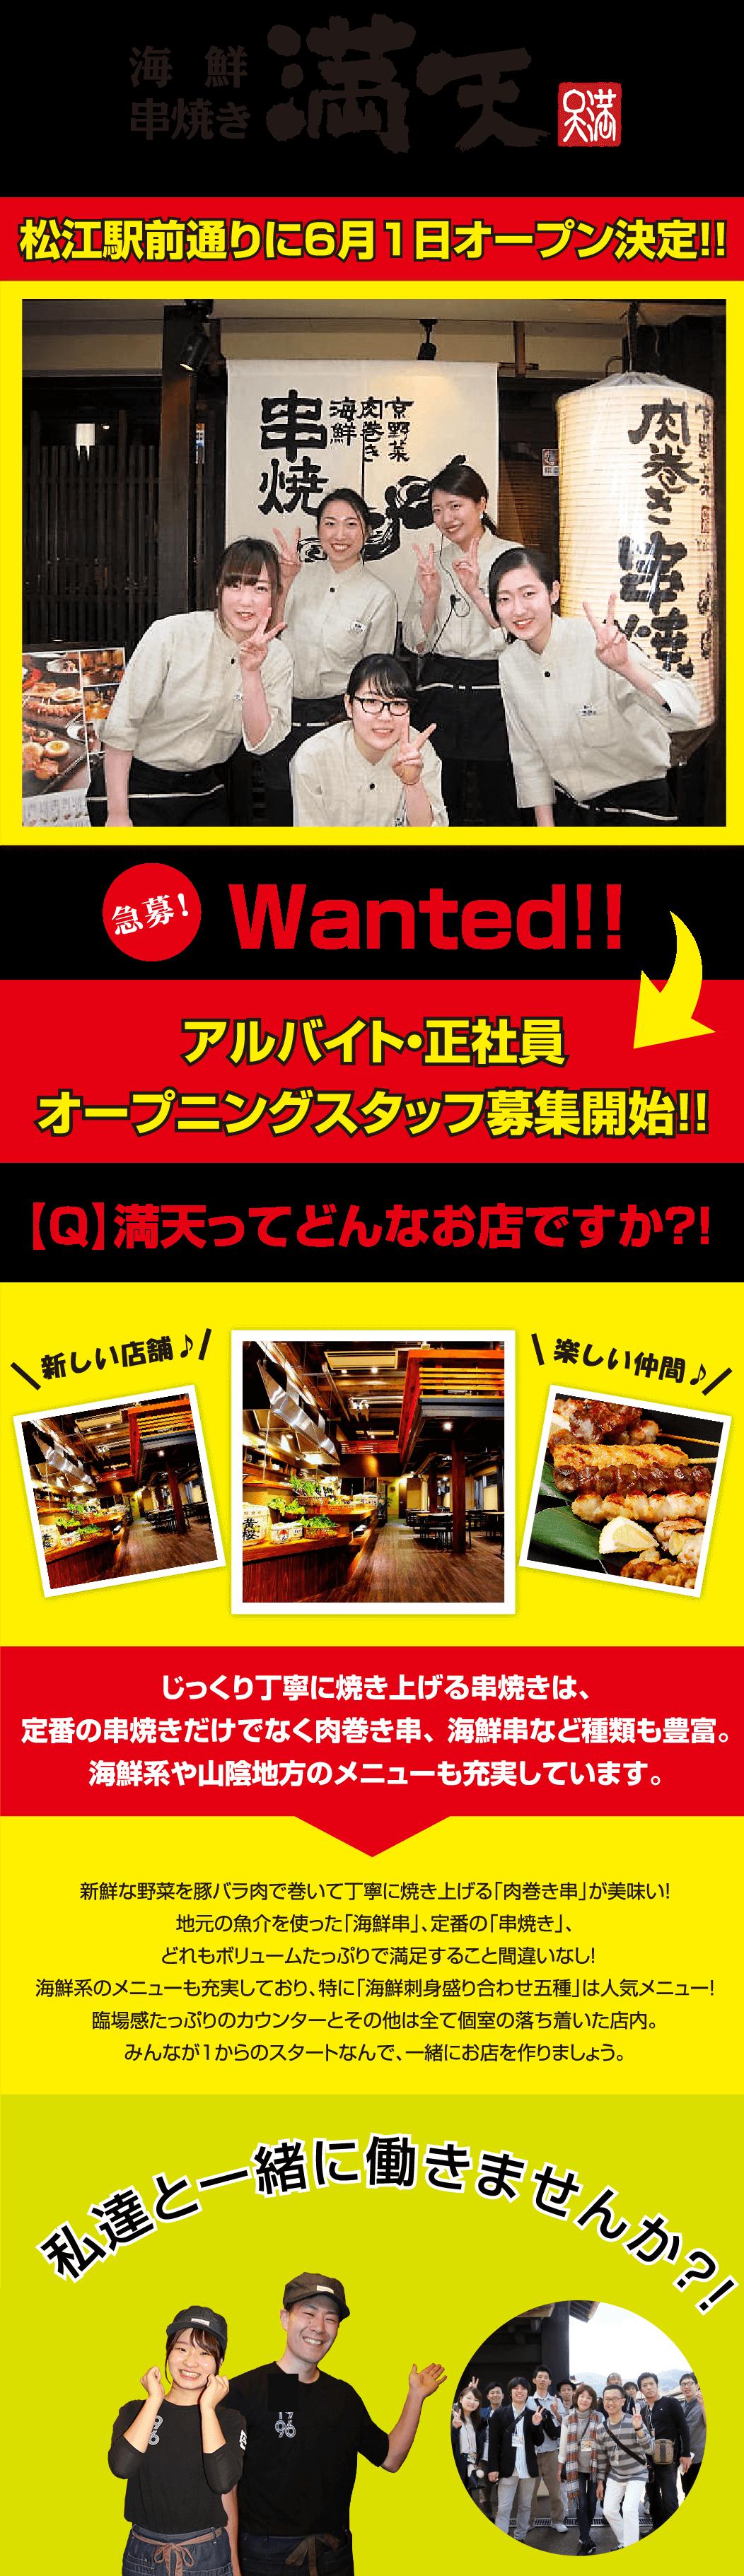 manten_entry_ol